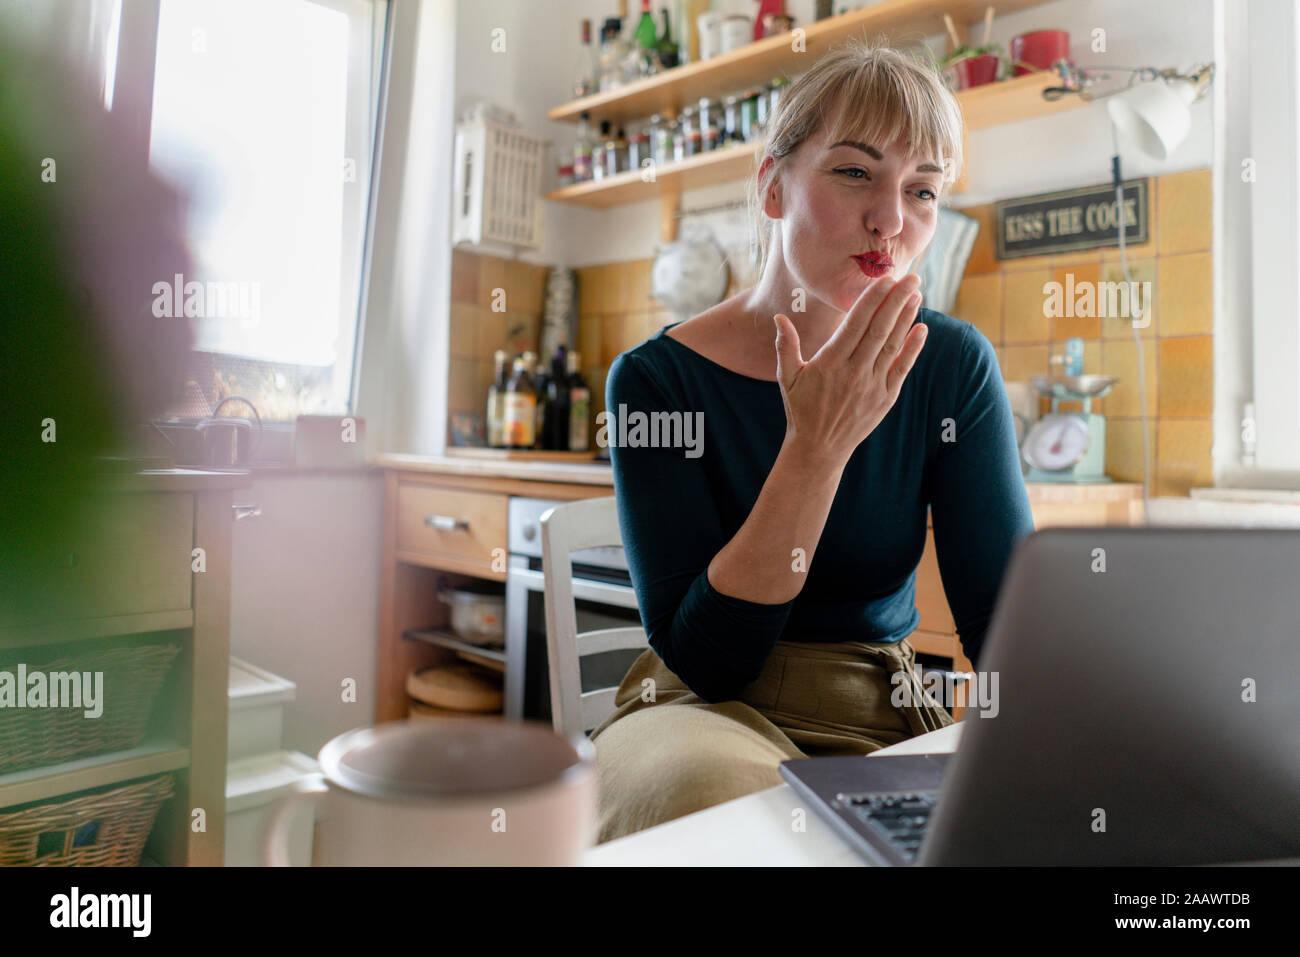 Portrait of young woman using laptop in La cuisine, soufflant un baiser Banque D'Images